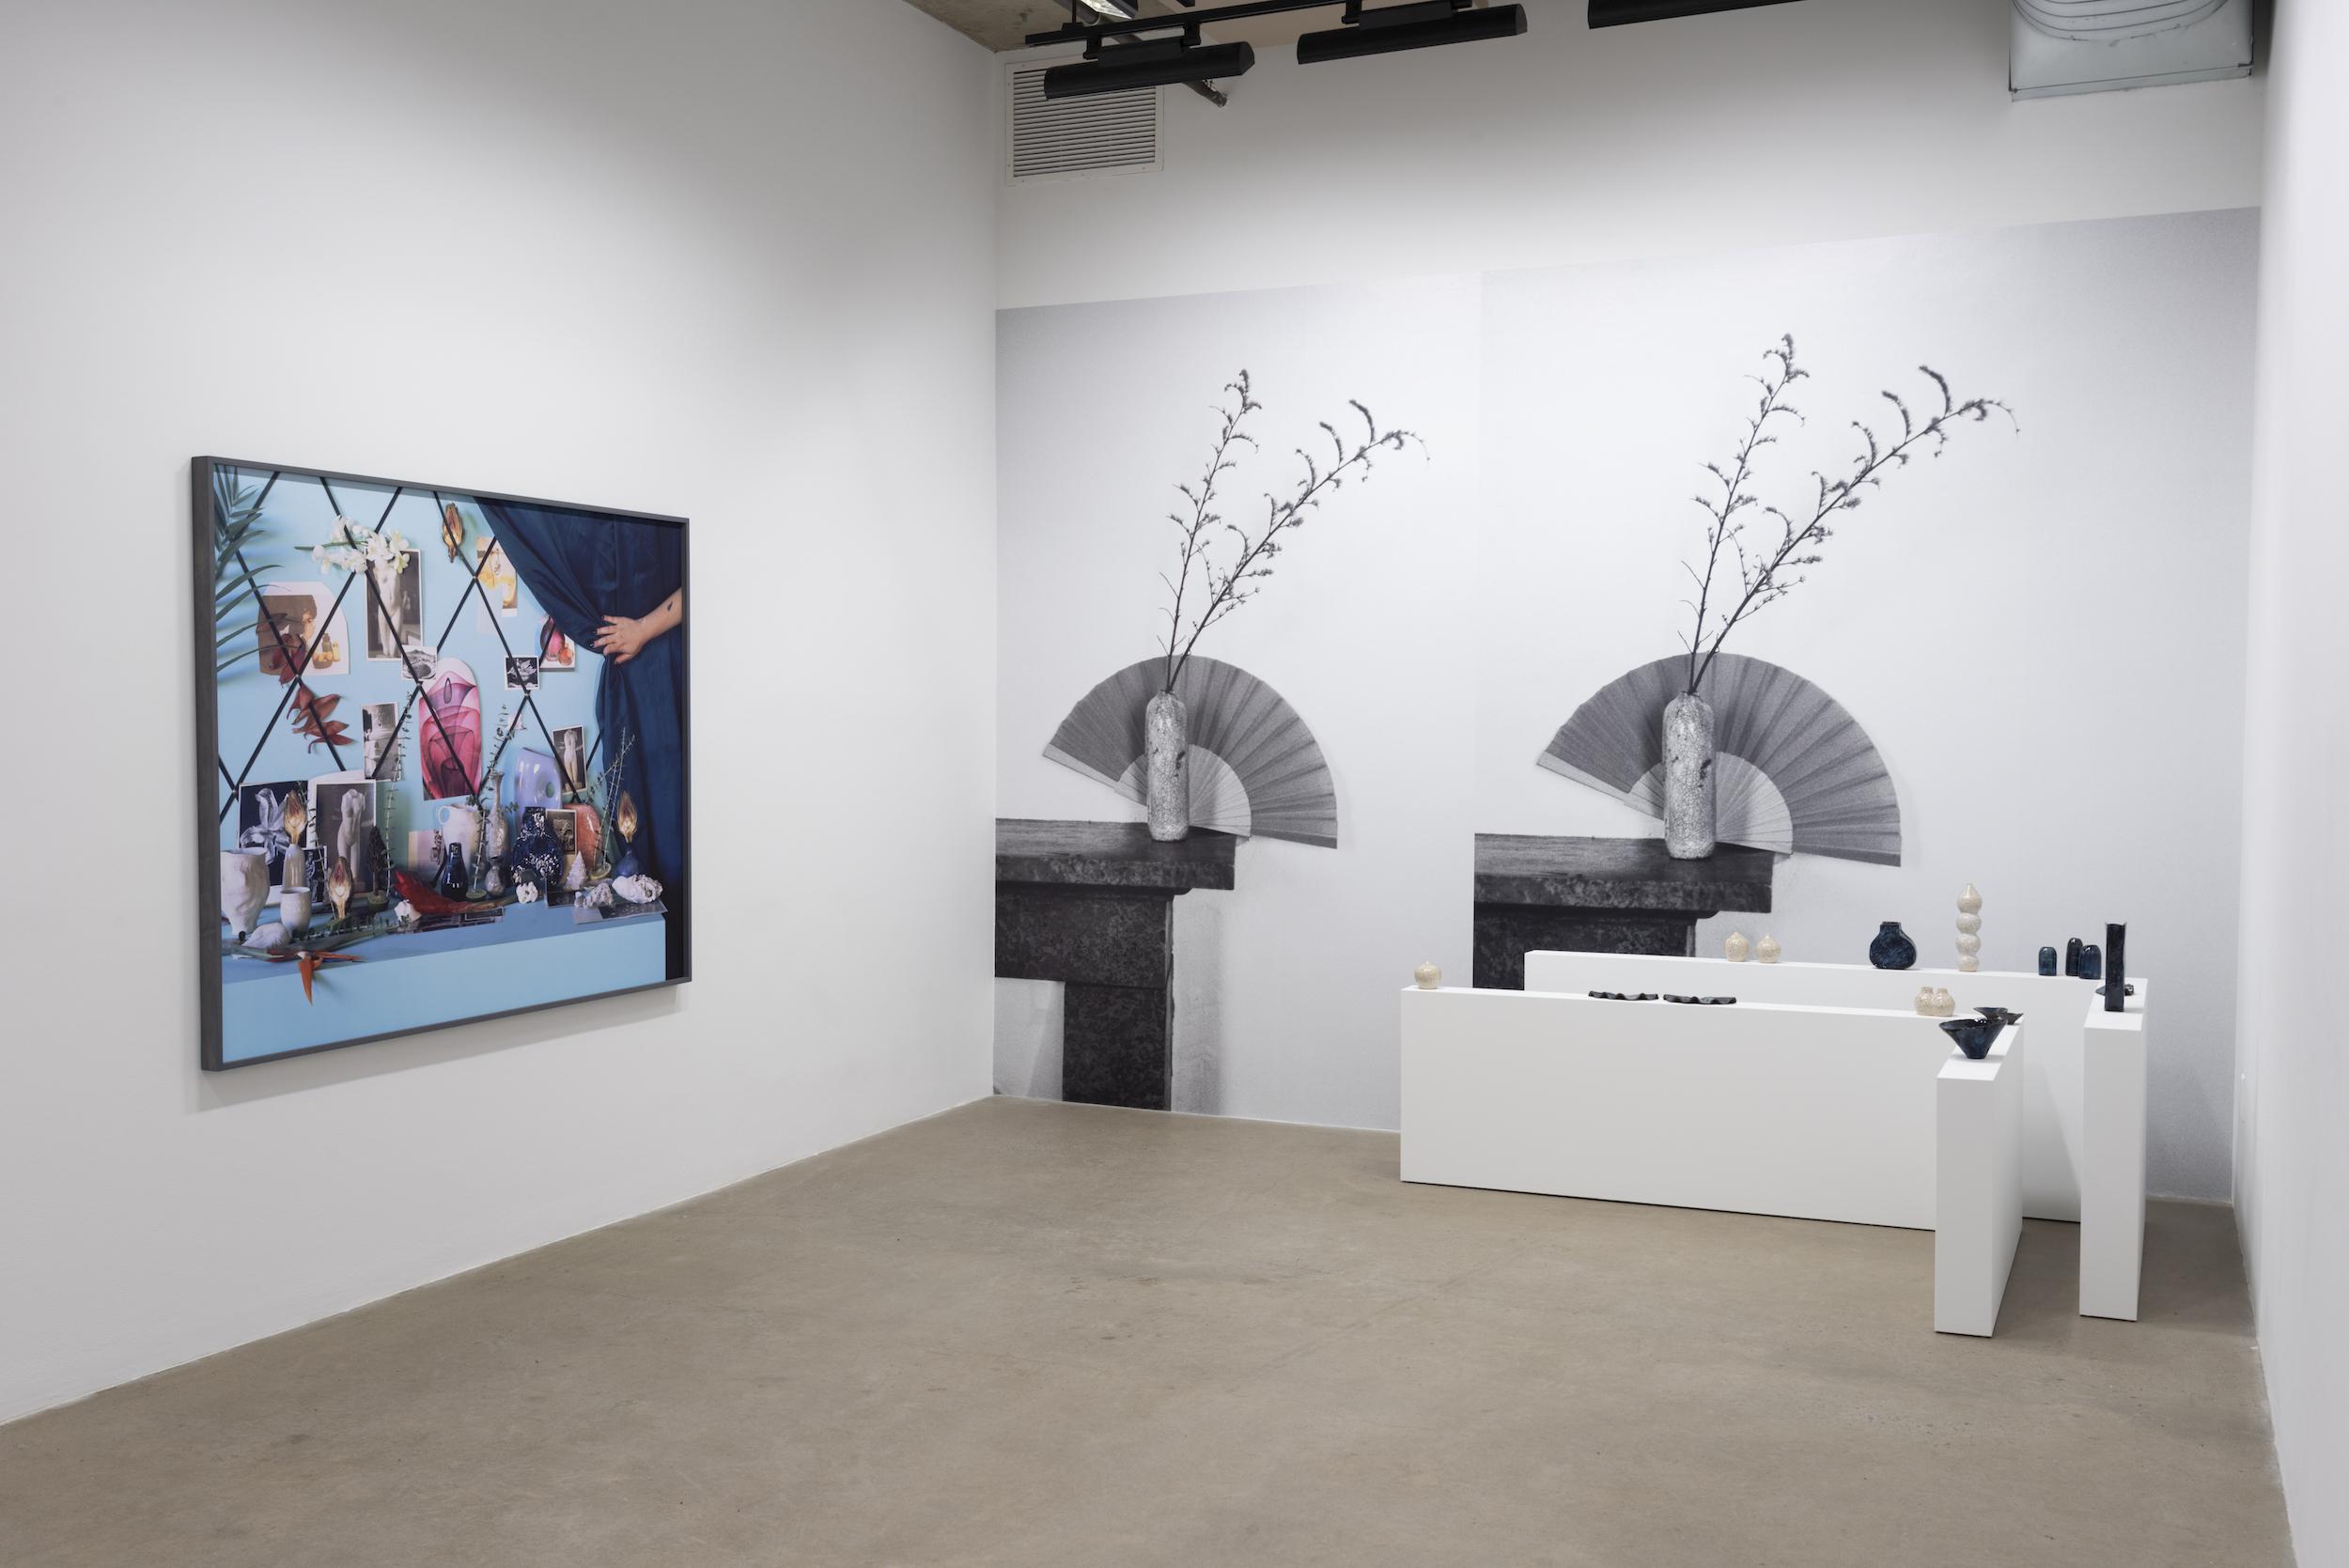 Le Devoir, 2019 | «The Banner Waves Calmly / Pores»: réveiller les archives